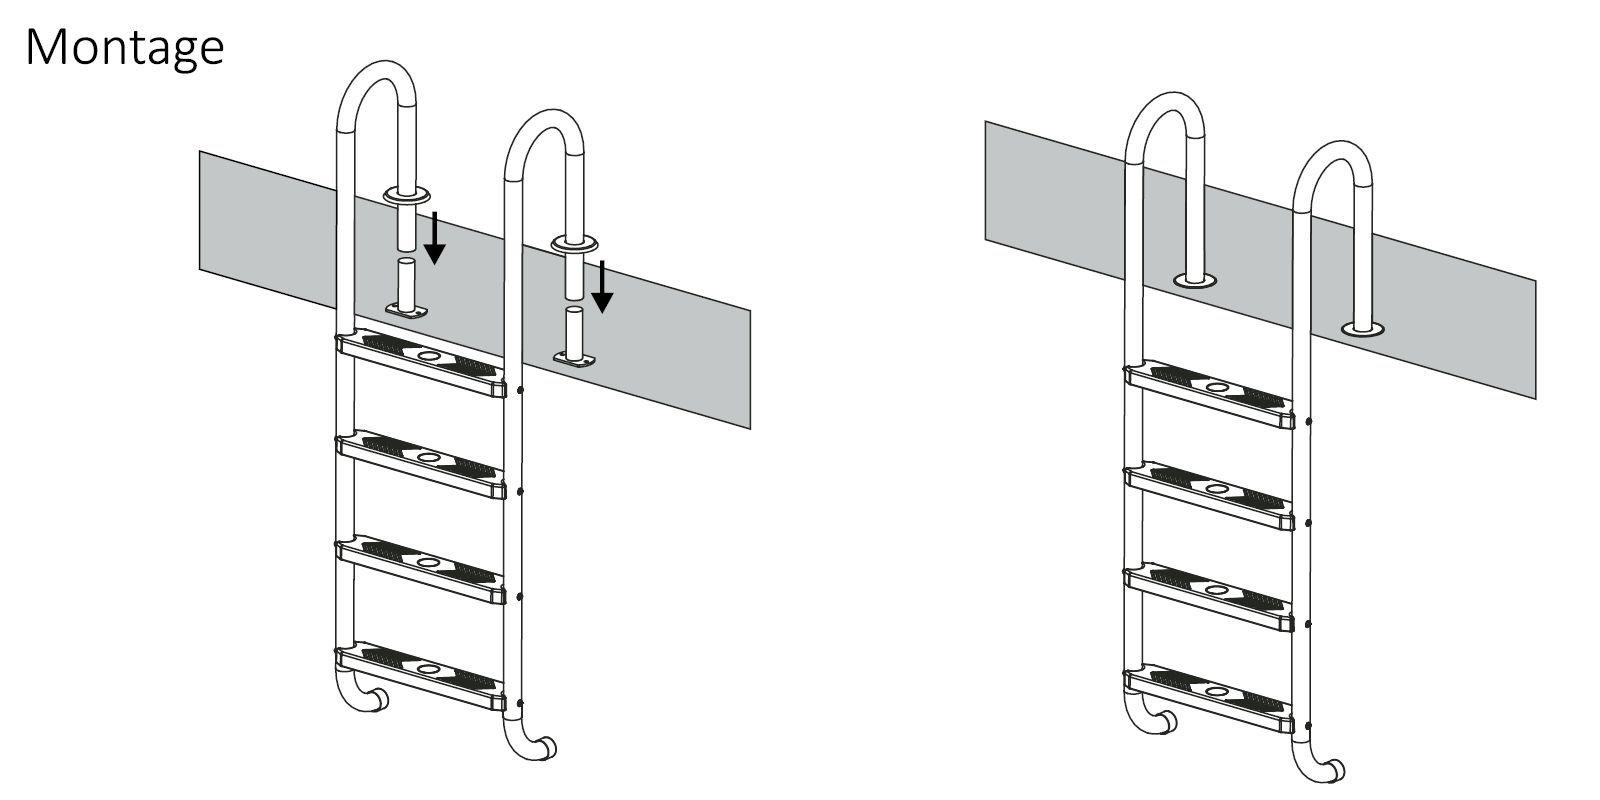 Escalera de piscina, de Zelsius, acero inoxidable V2A, con almohadillas de goma antideslizantes en los peldaños, con 3o 4peldaños